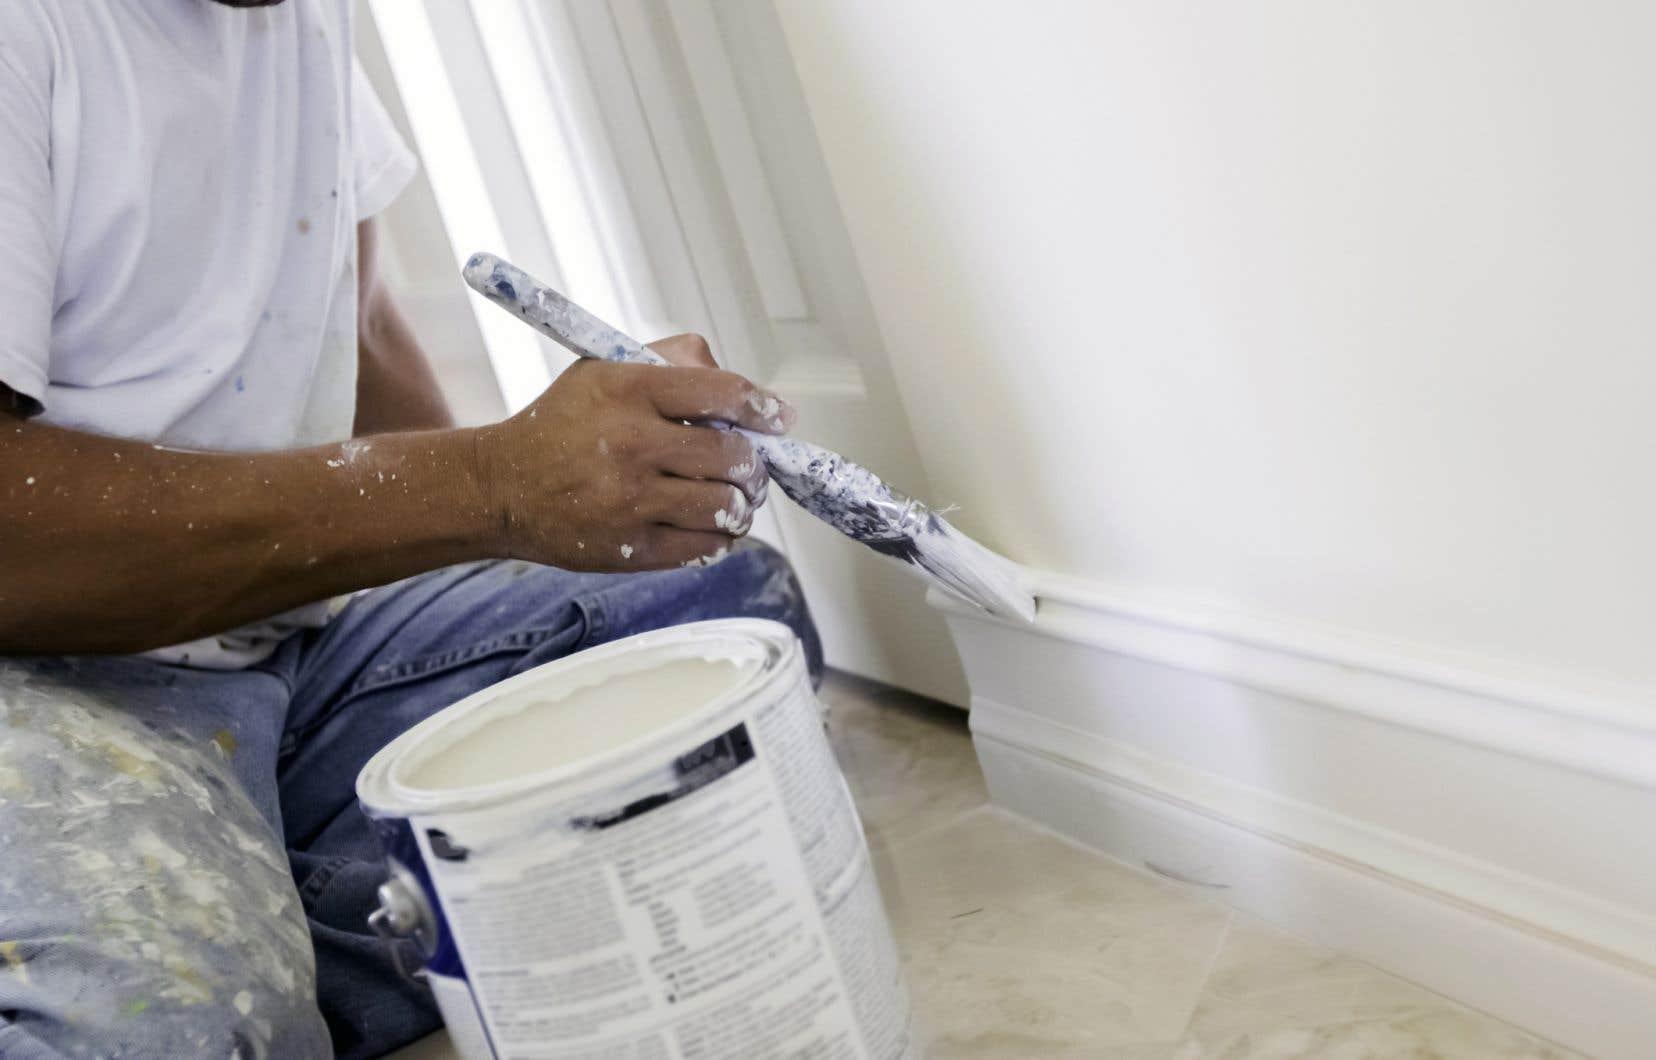 Ces produits, dont font partie les peintures, peuvent émettre des composés organiques volatils très nocifs pour la santé.